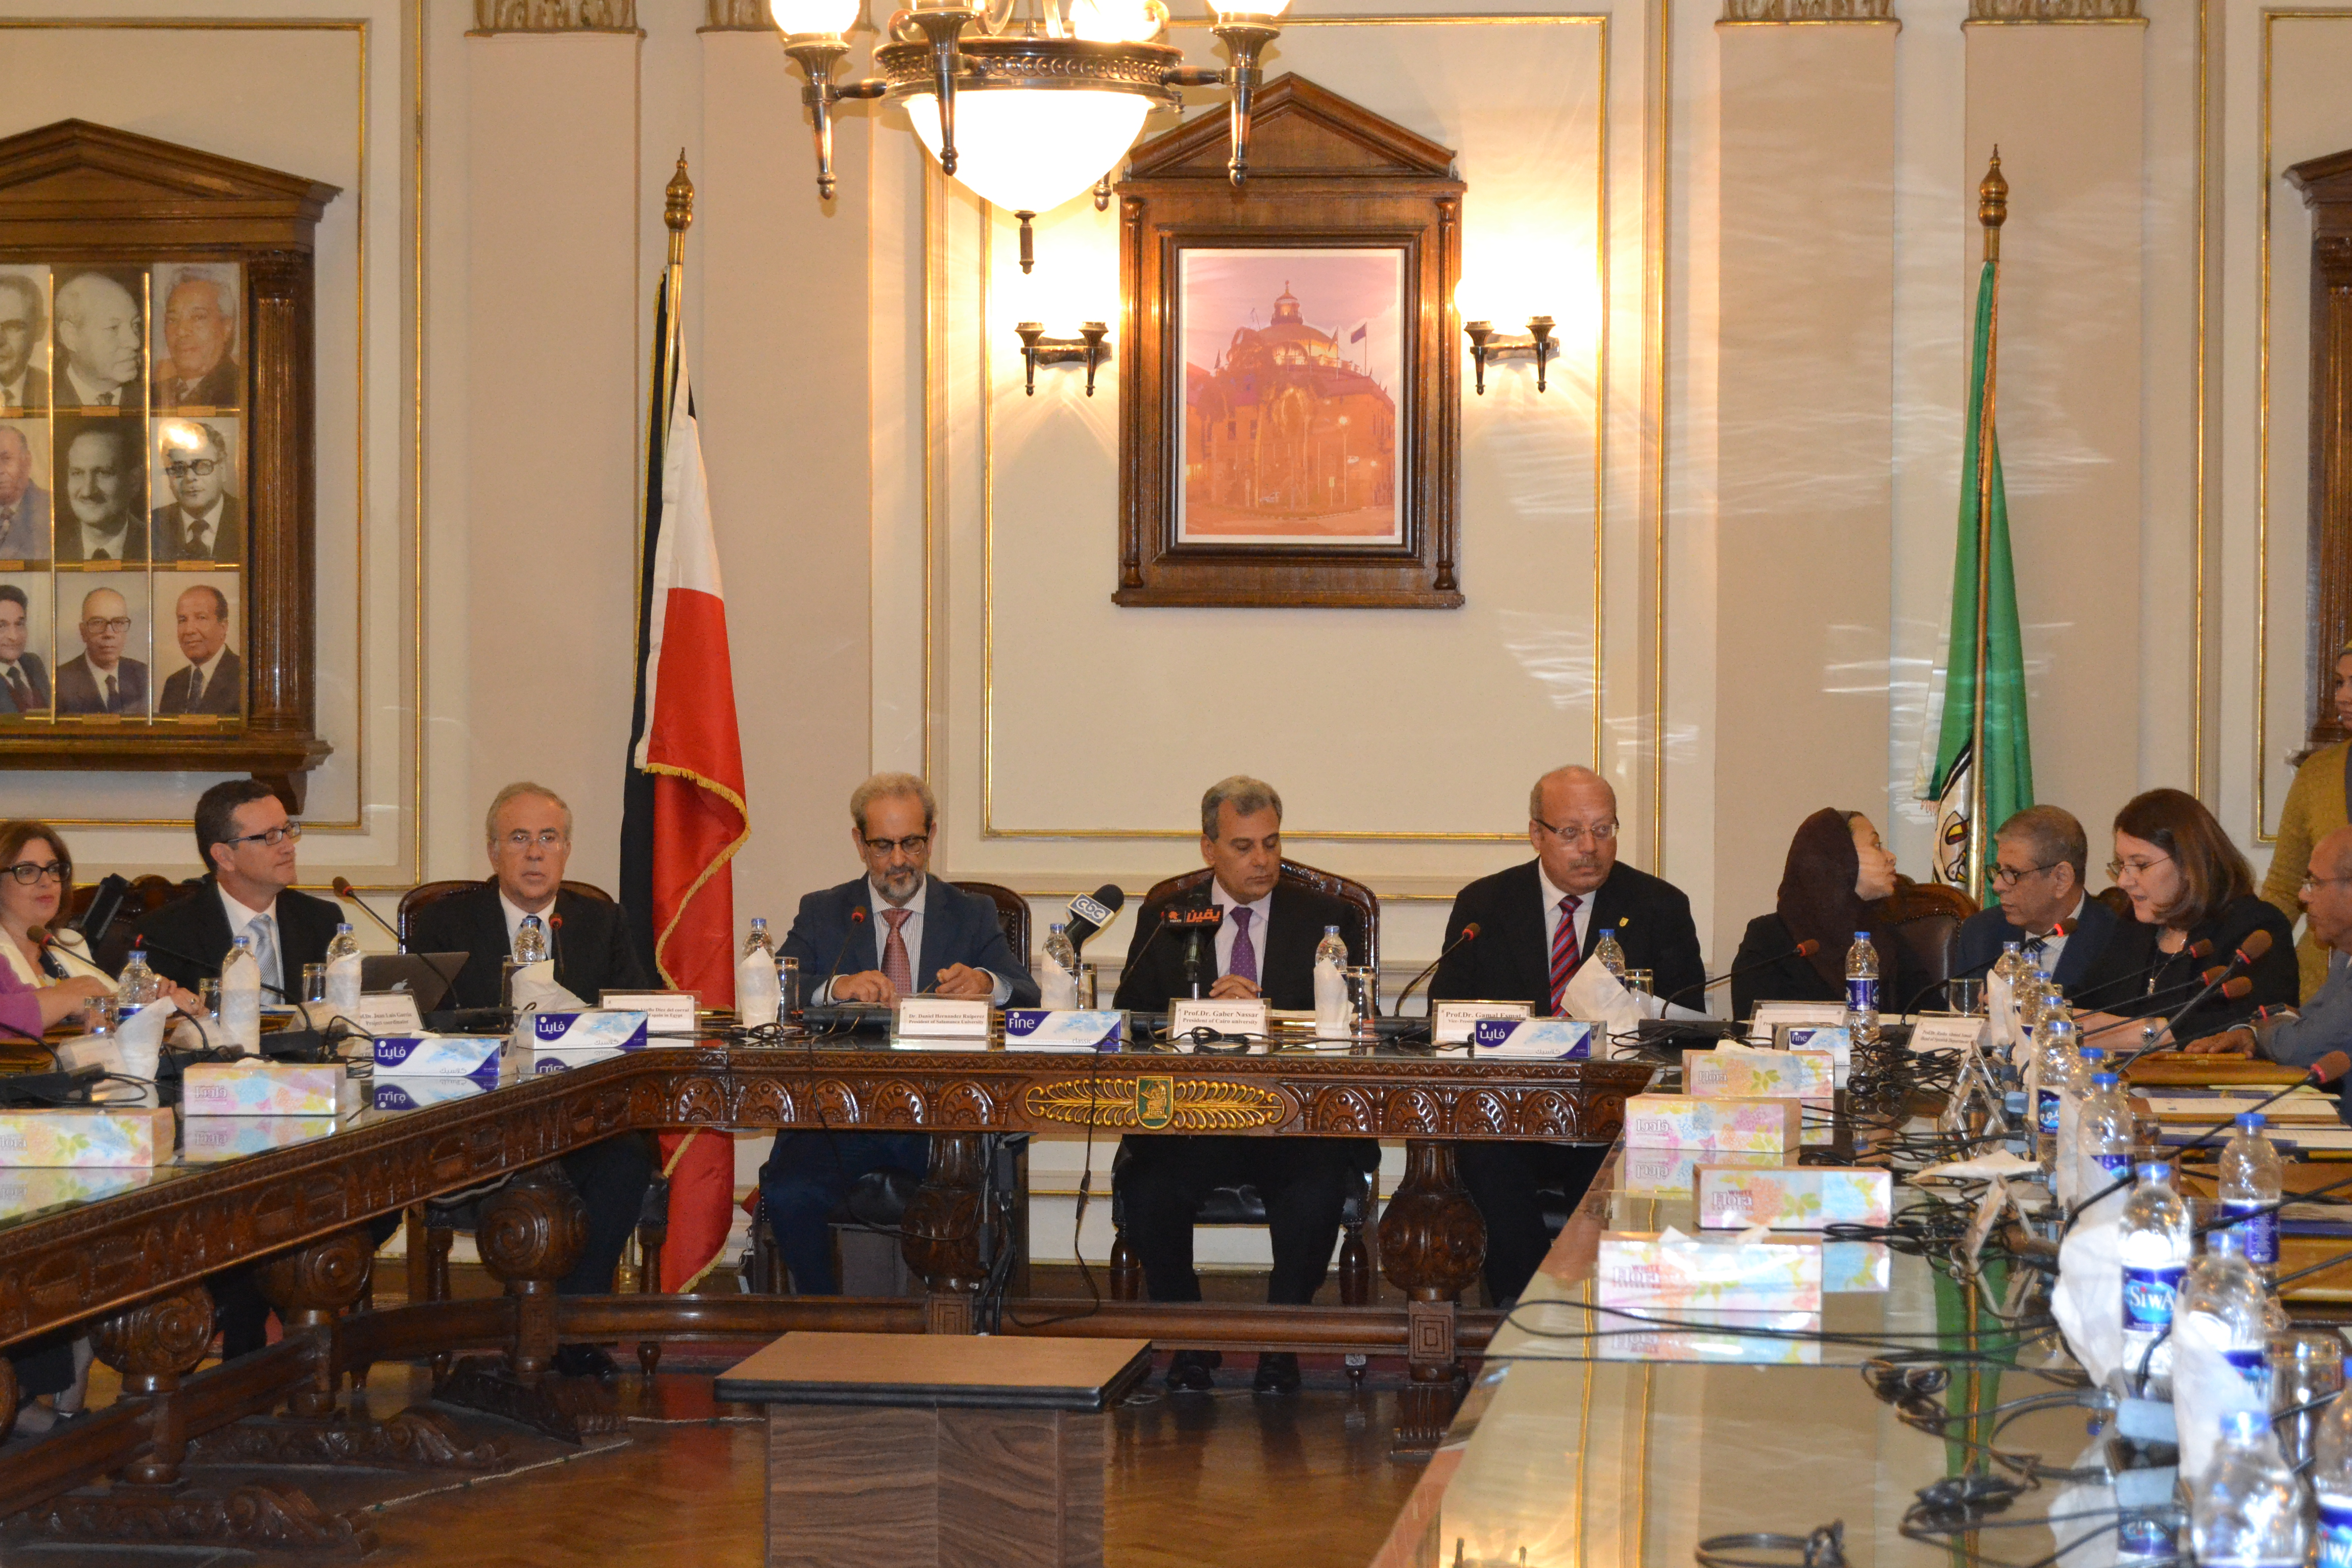 El rector de la Universidad de Salamanca inaugura en El Cairo el Máster en Lengua y Cultura Hispánicas, único título conjunto internacional existente en Castilla y León